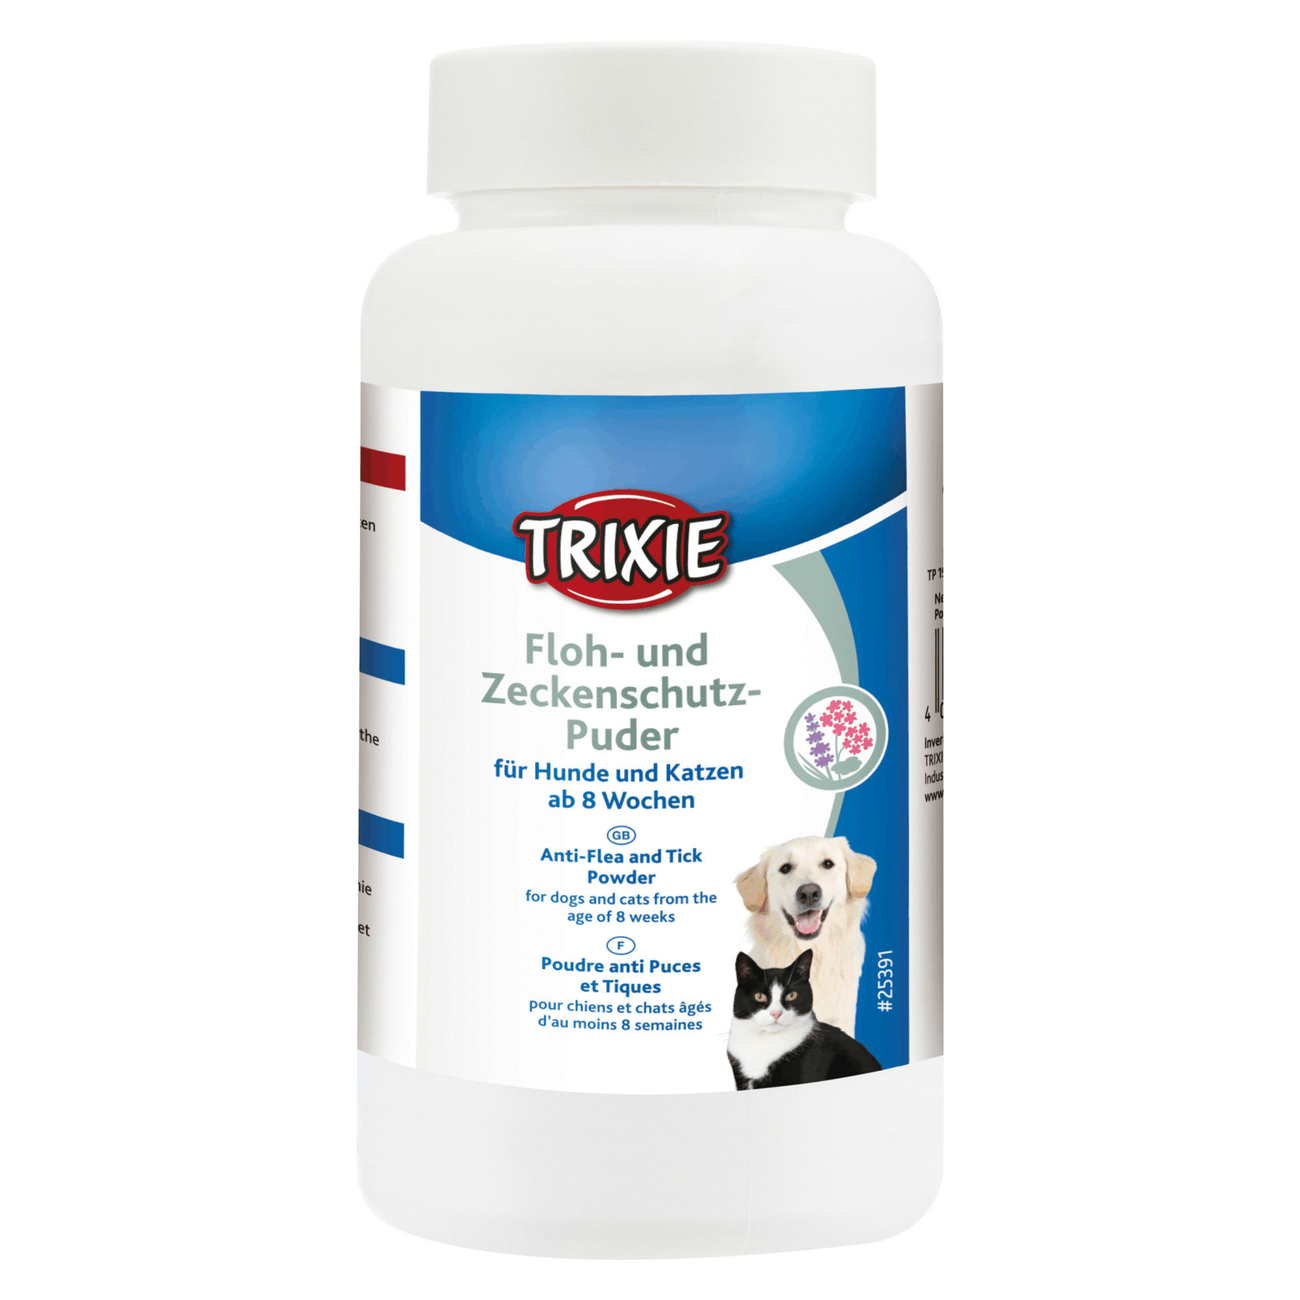 TRIXIE Flohschutz und Zeckenschutz-Puder für Hunde und Katzen 25391